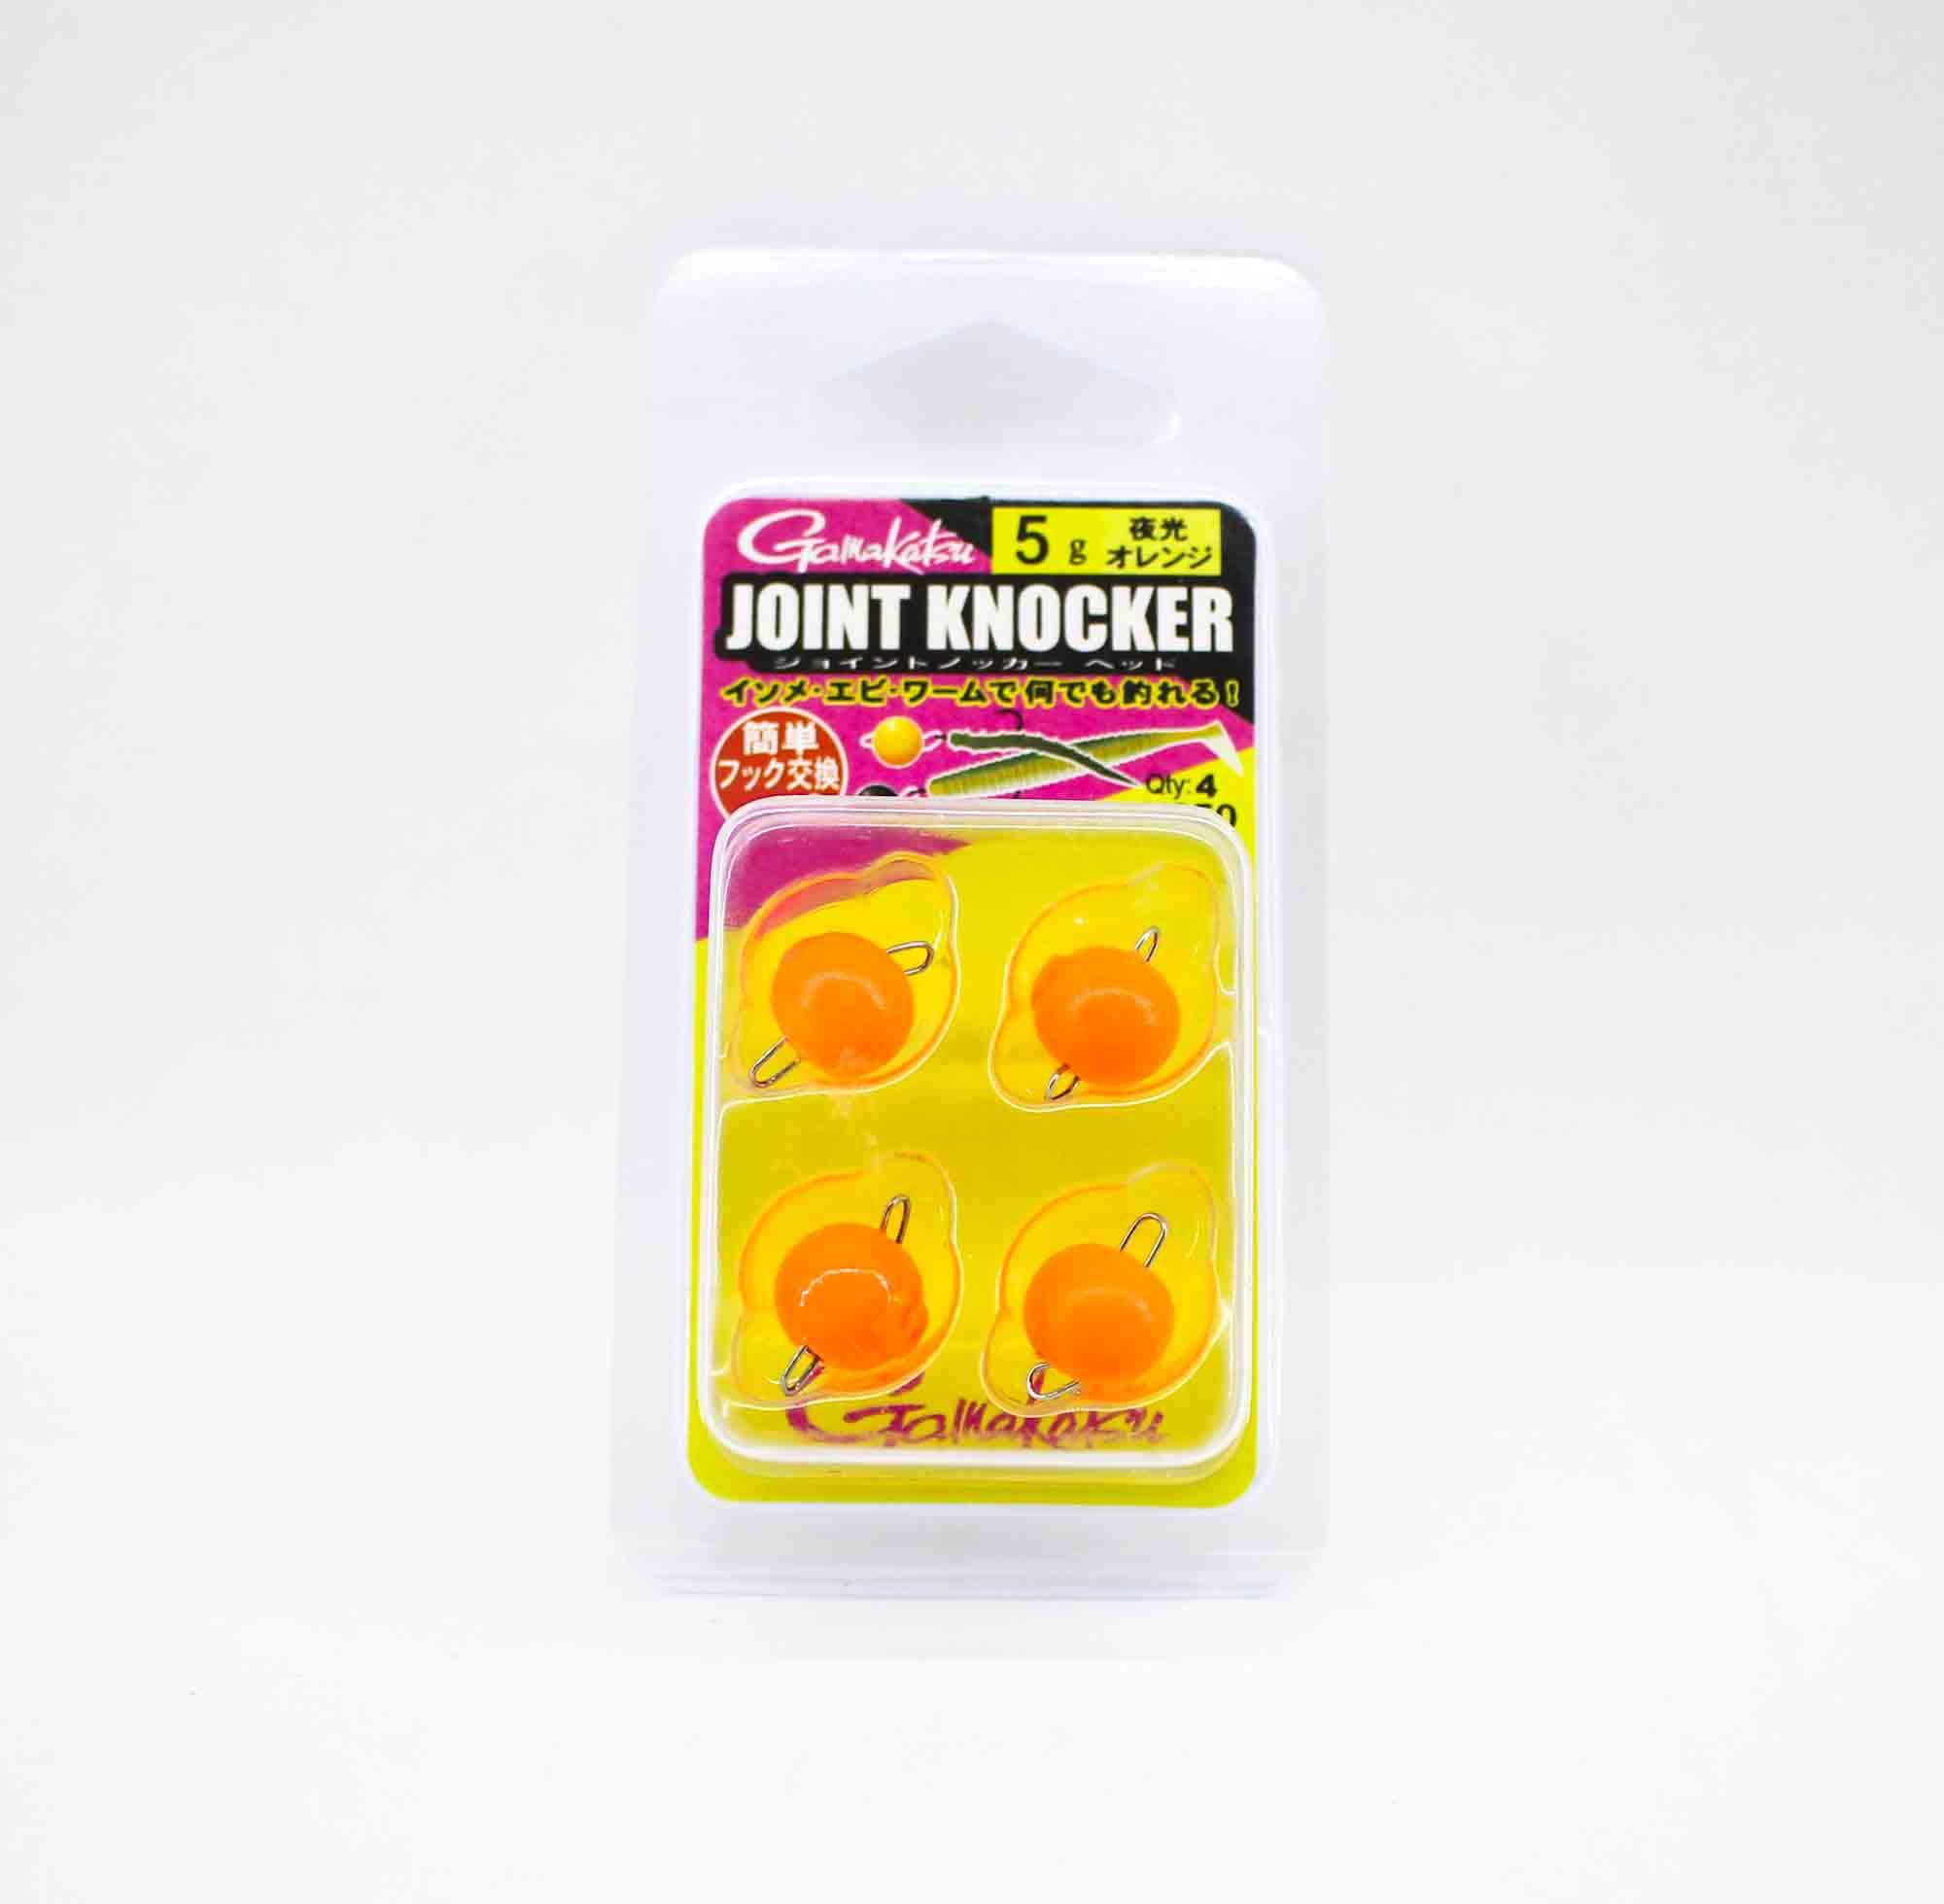 Gamakatsu 19256 Joint Knocker Jig Head 5 grams , 4 per pack (2621)